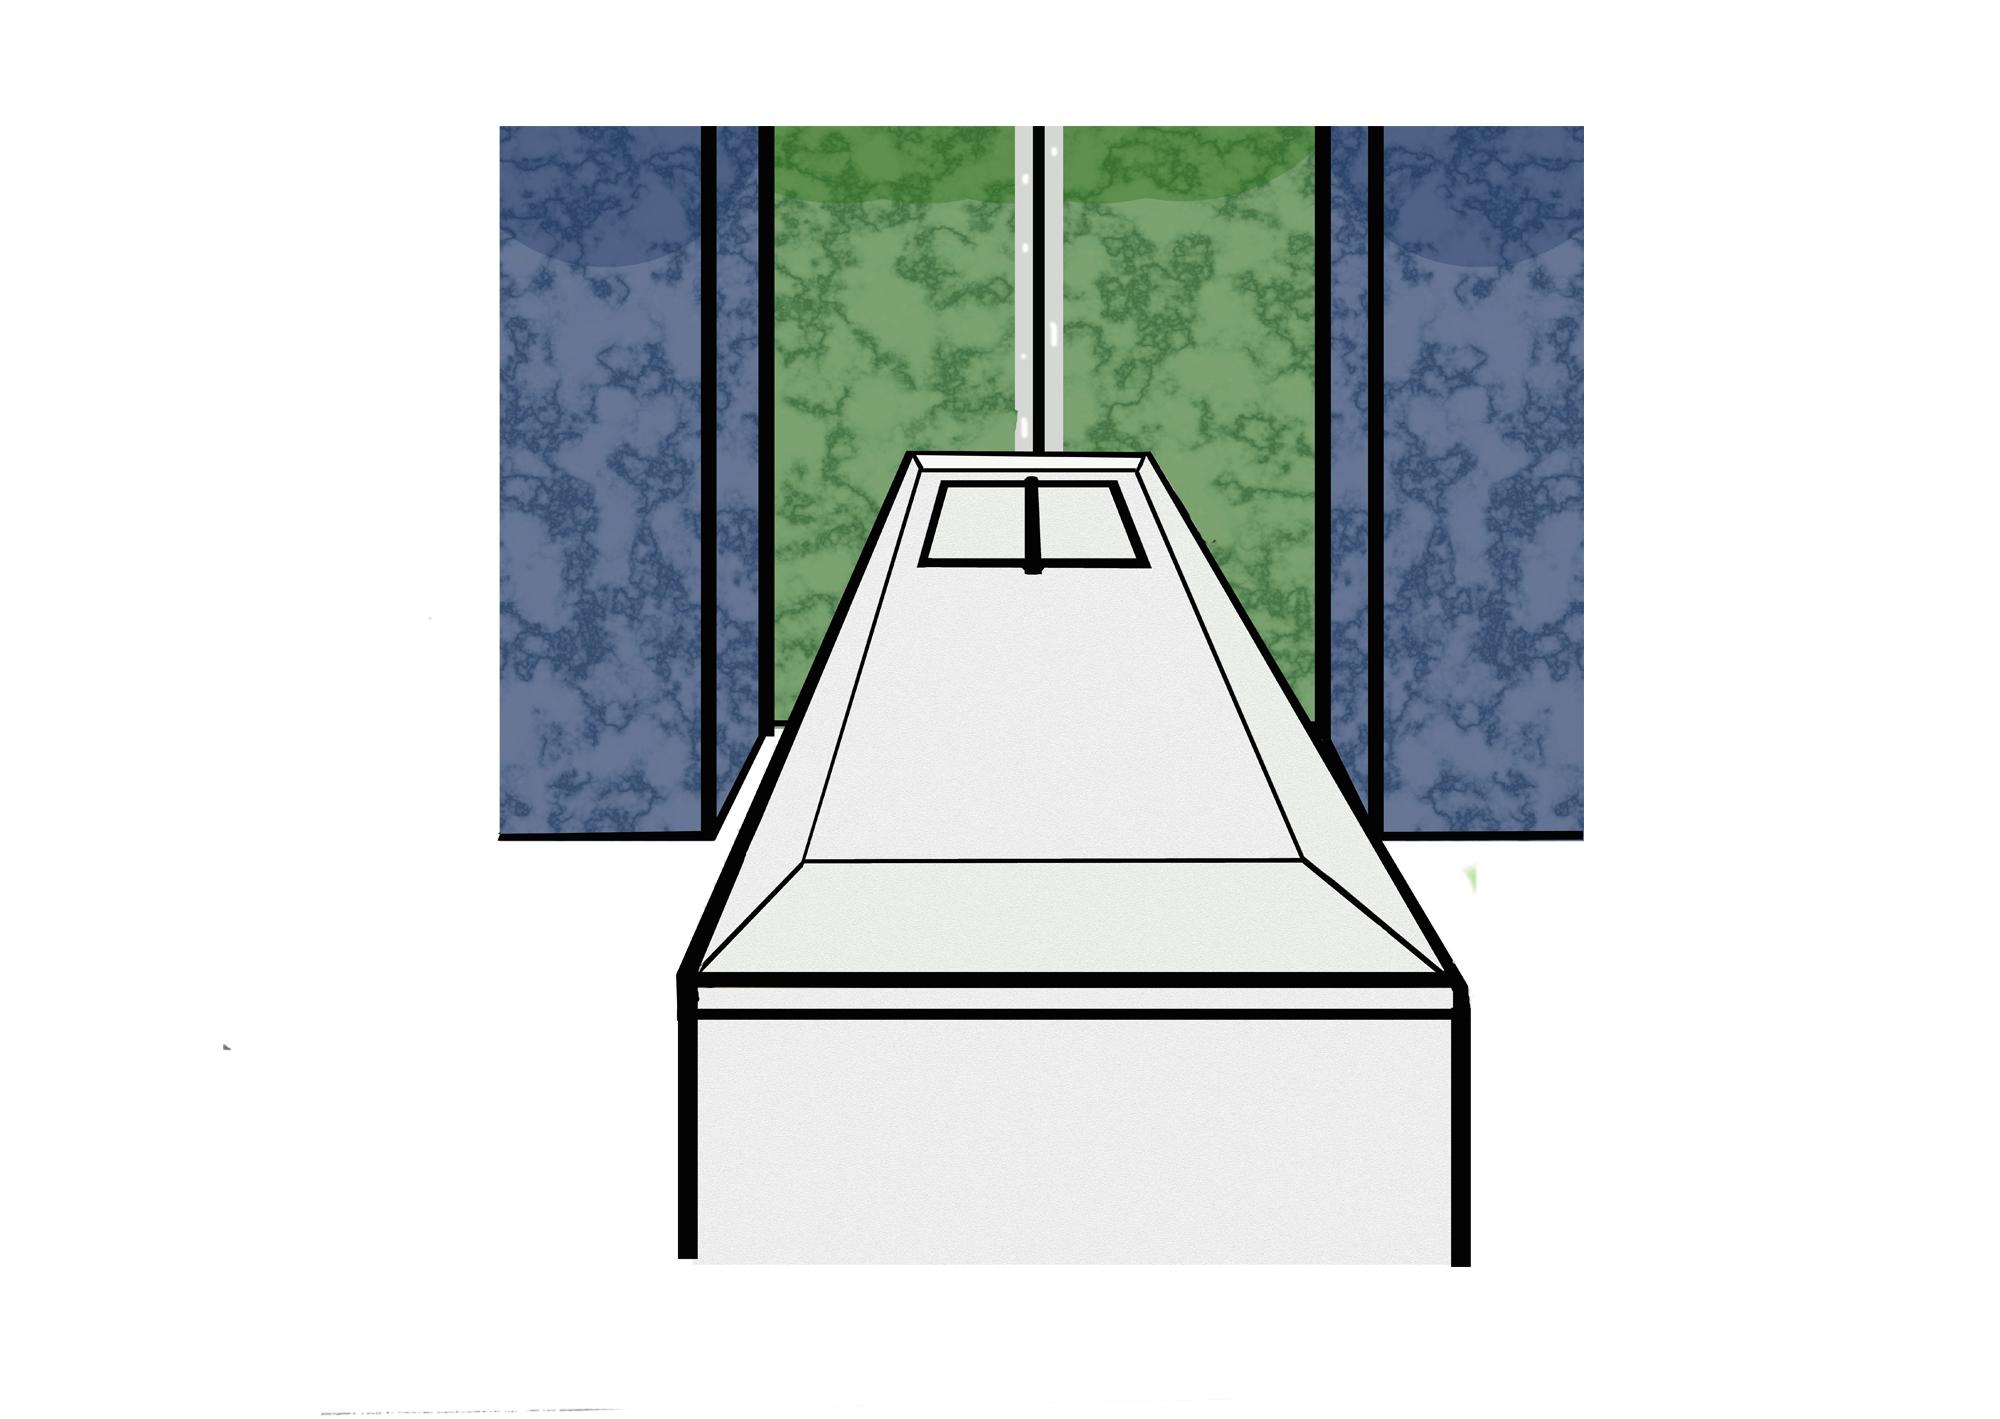 通夜・葬儀を行わない火葬式(直葬)とは